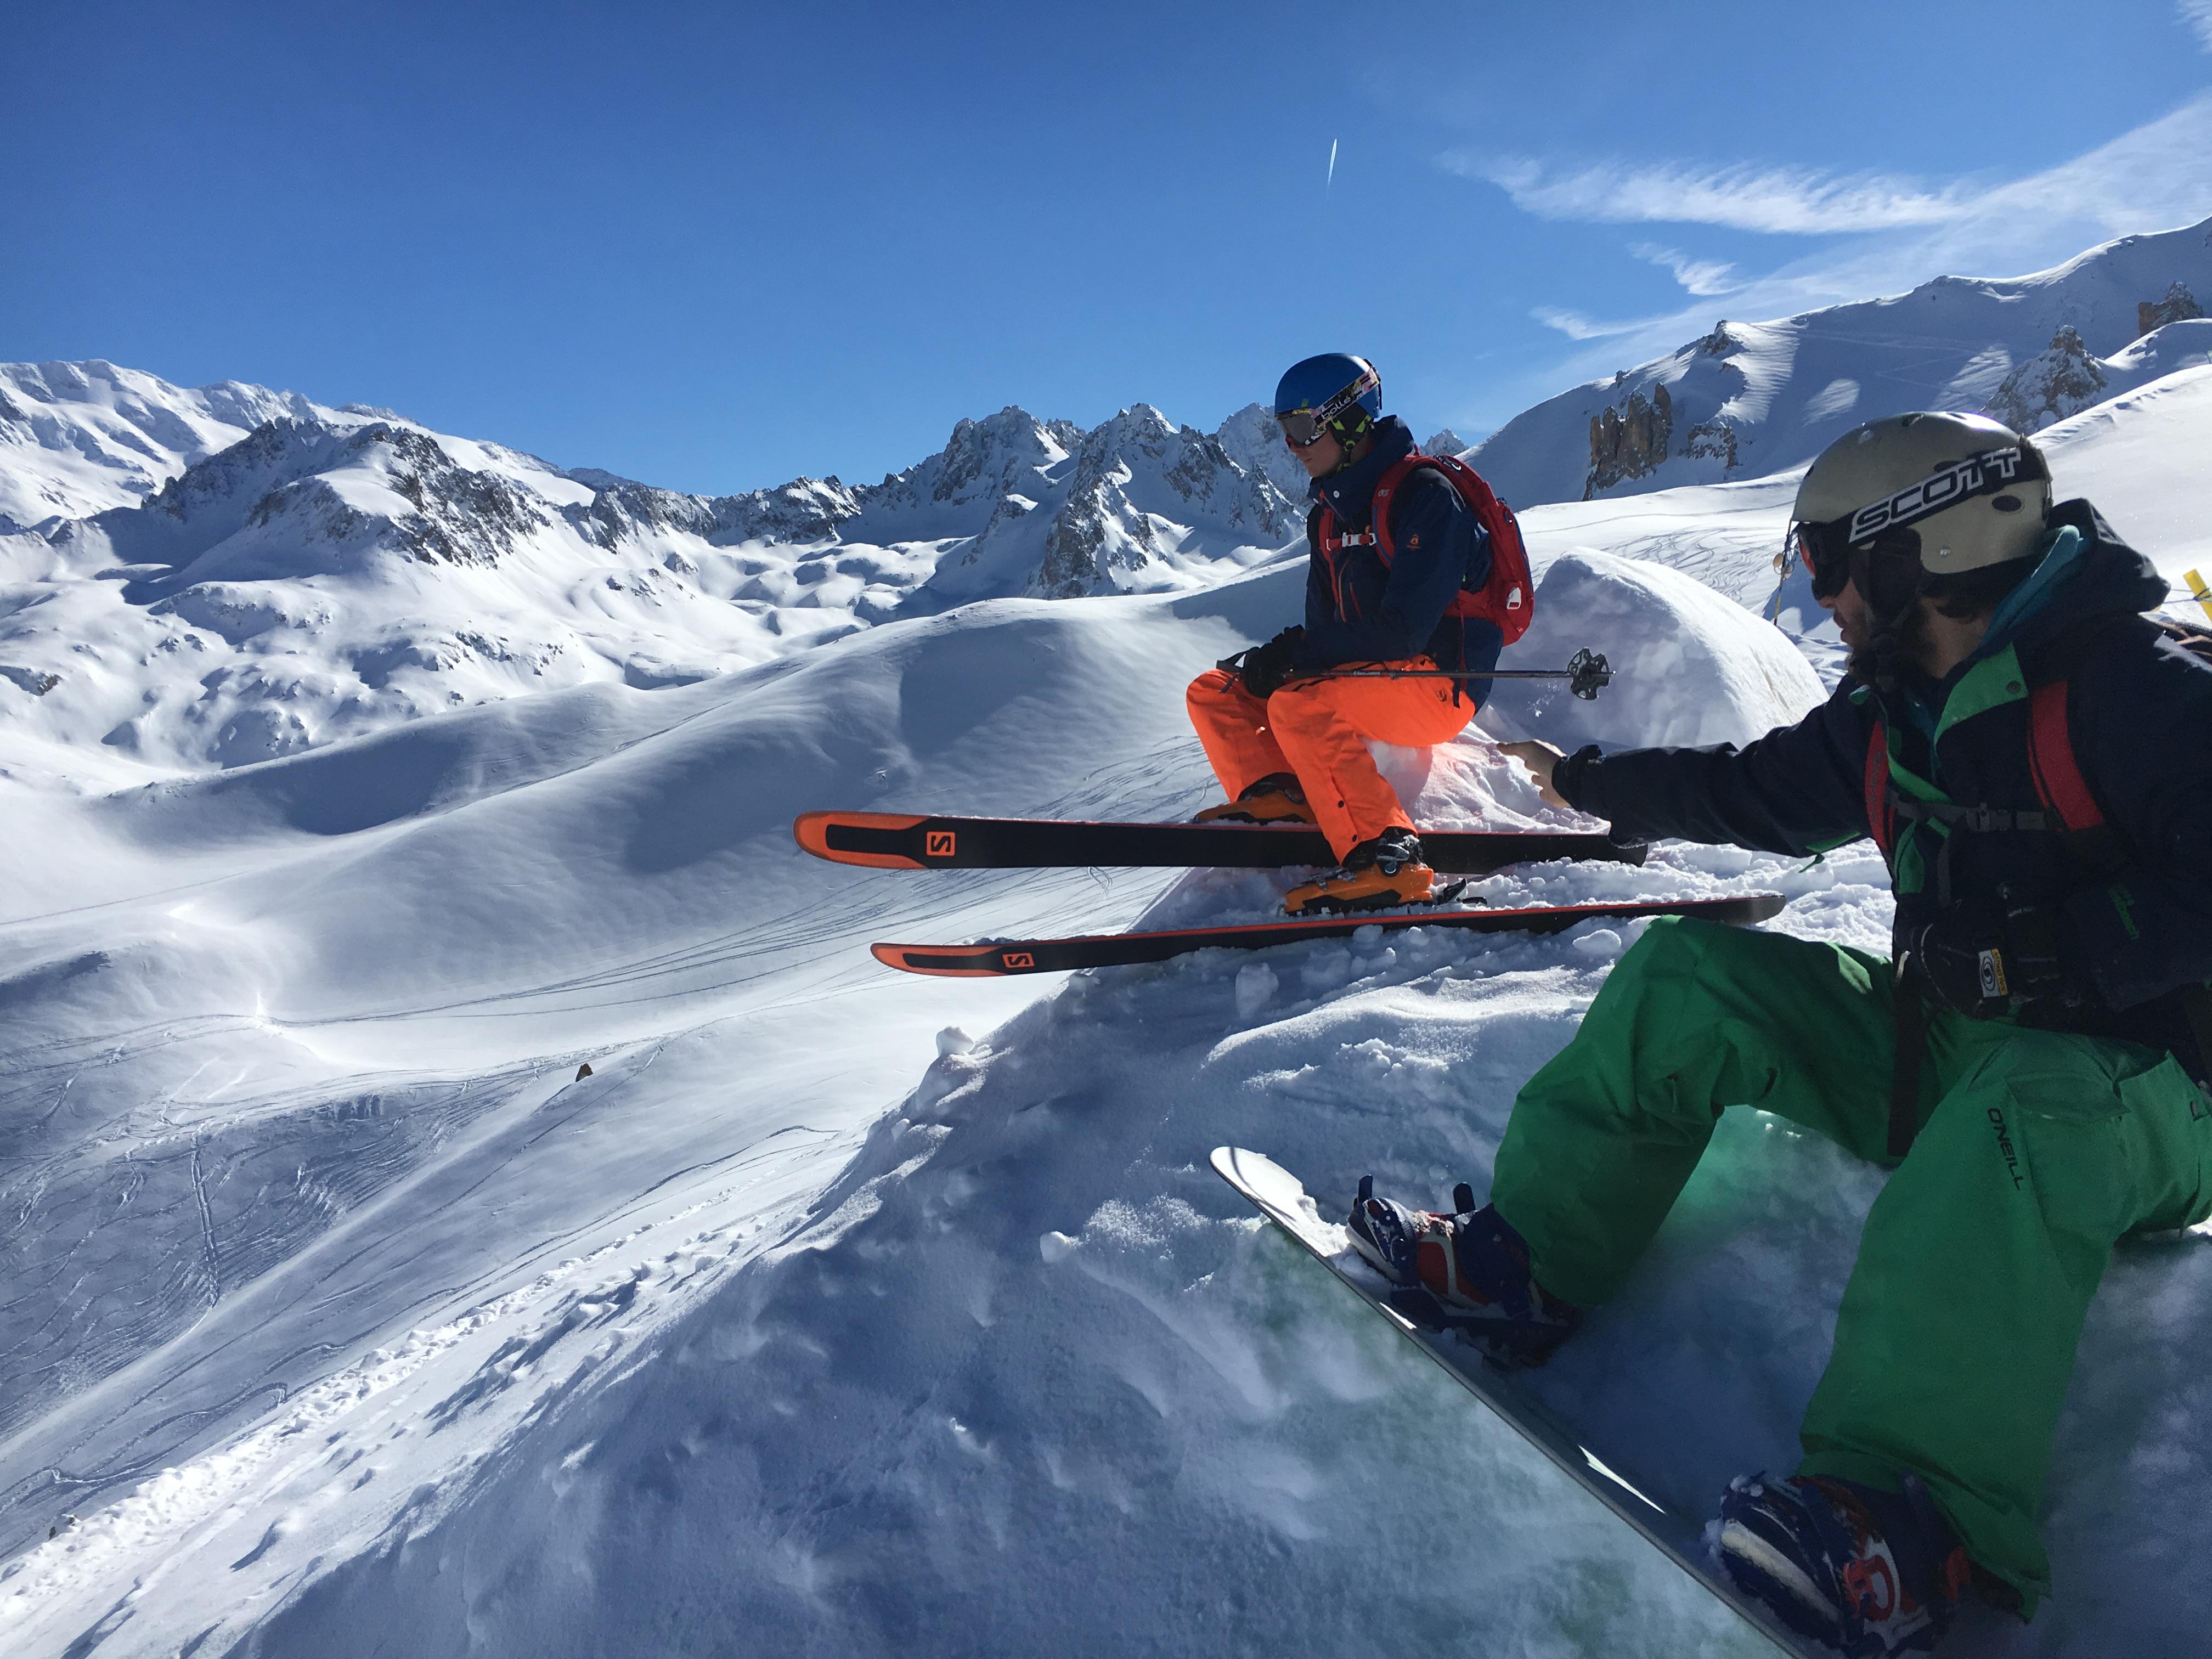 フランス人気スポーツ!スキー旅行のためのホテルや日本食調達